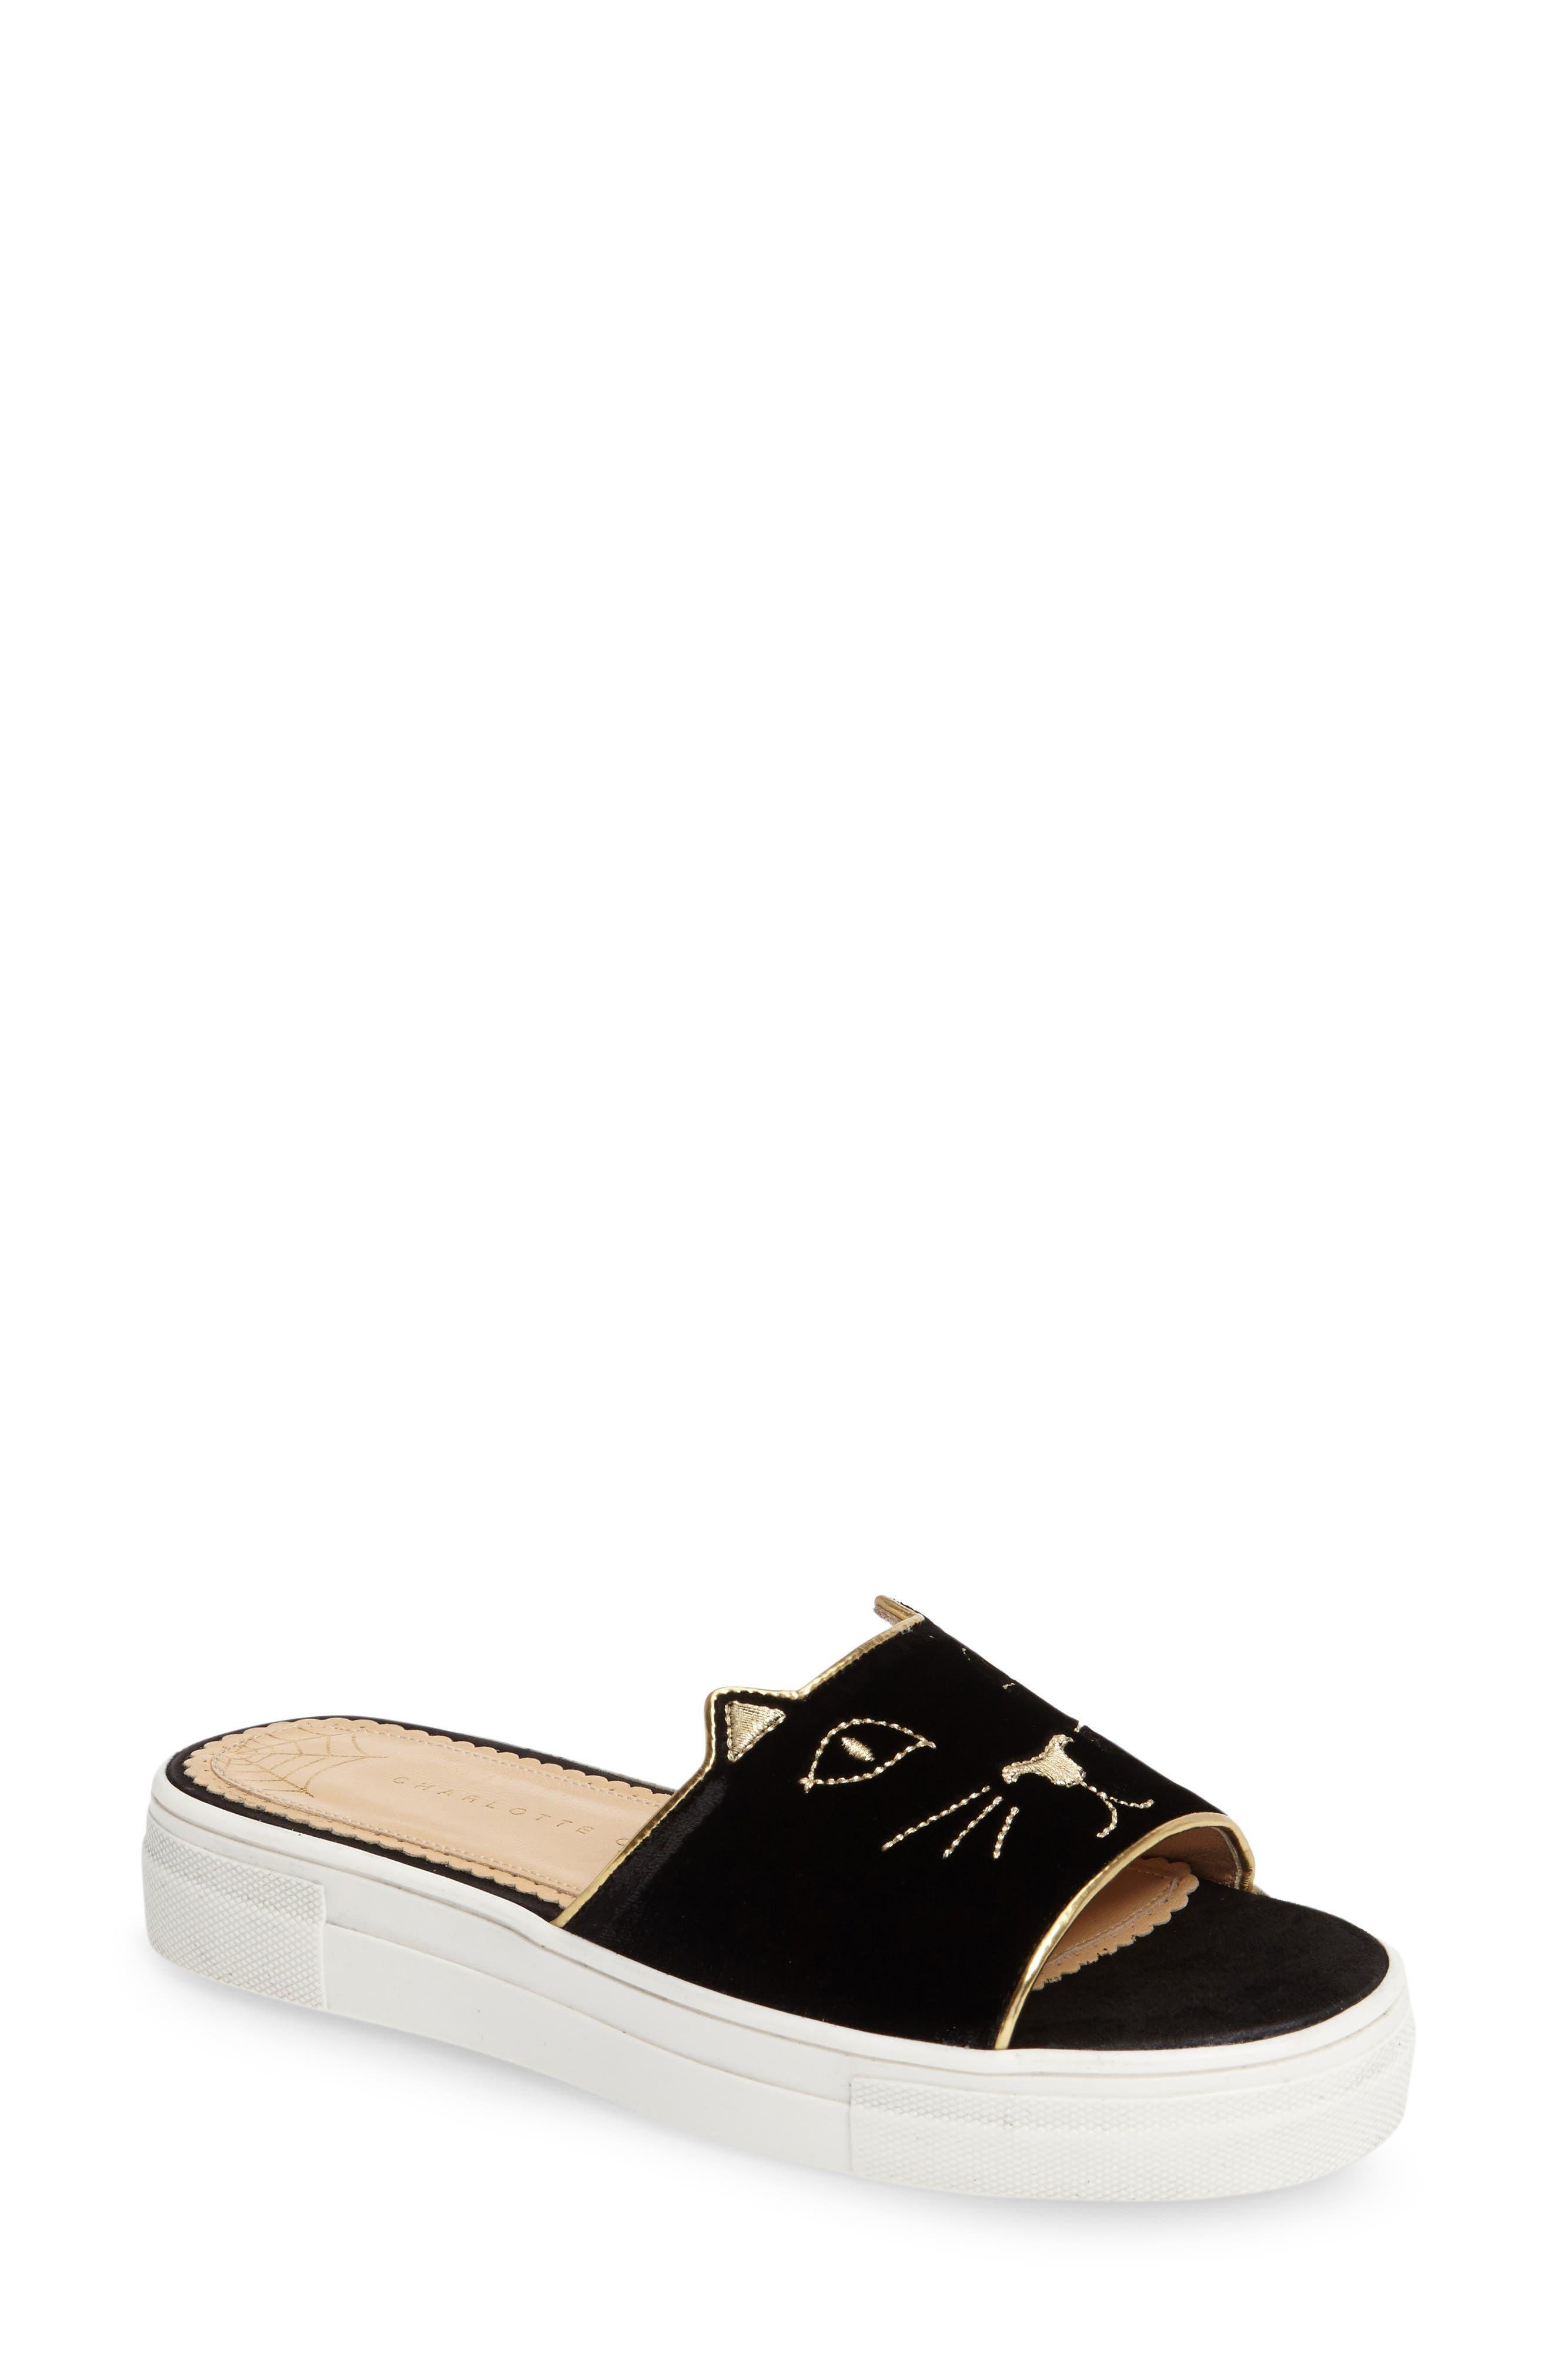 Alternate Image 1 Selected - Charlotte Olympia Kitty Slide Sandal (Women)